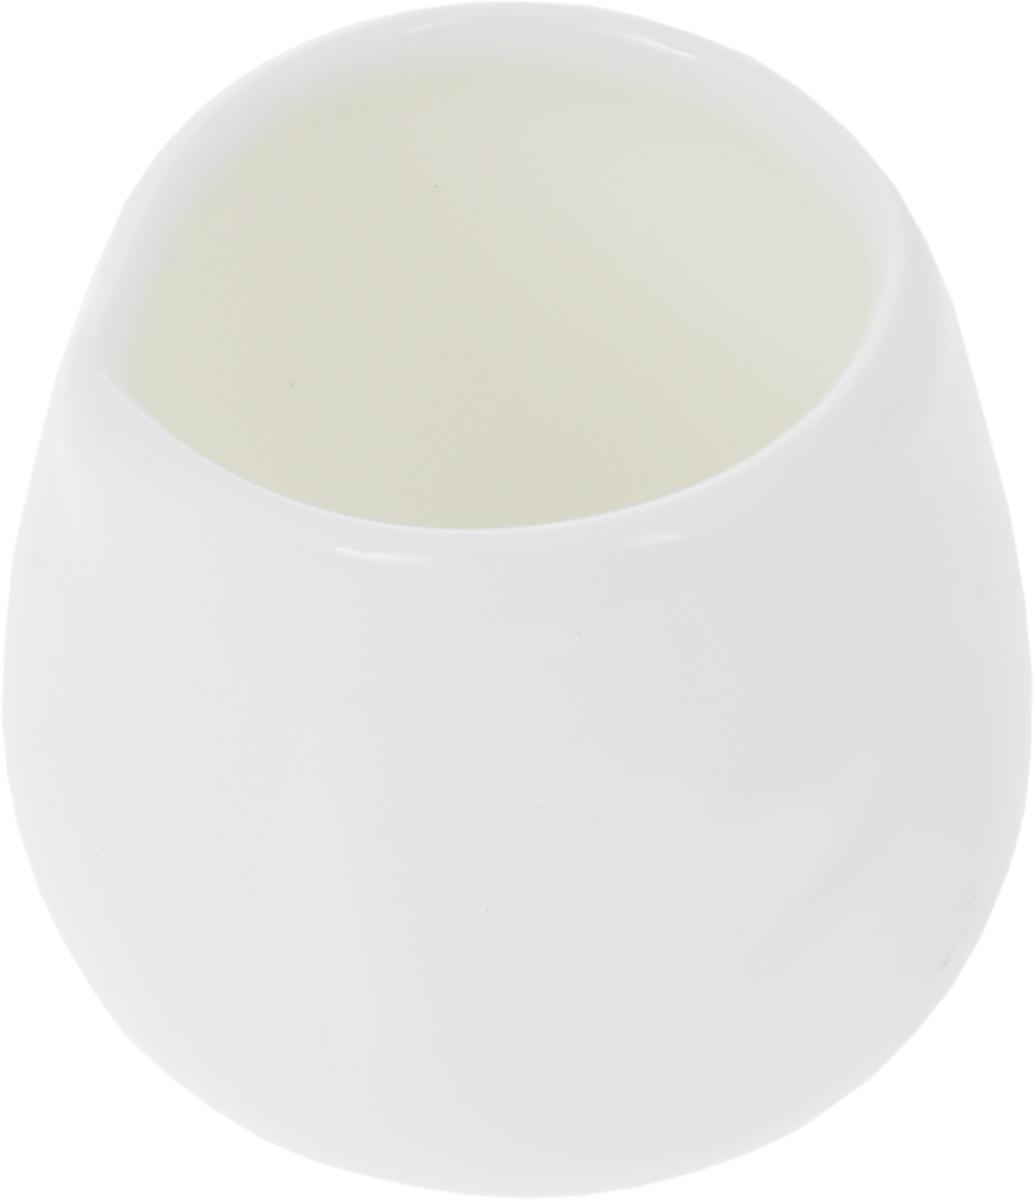 Молочник Wilmax, 100 млWL-995003 / AМолочник Wilmax изготовлен из высококачественного фарфора, покрытого глазурью. Изделие предназначено для сервировки сливок или молока. Такой молочник отлично подойдет как для праздничного чаепития, так и для повседневного использования. Изделие функциональное, практичное и легкое в уходе. Диаметр (по верхнему краю): 4 см. Высота: 6 см.